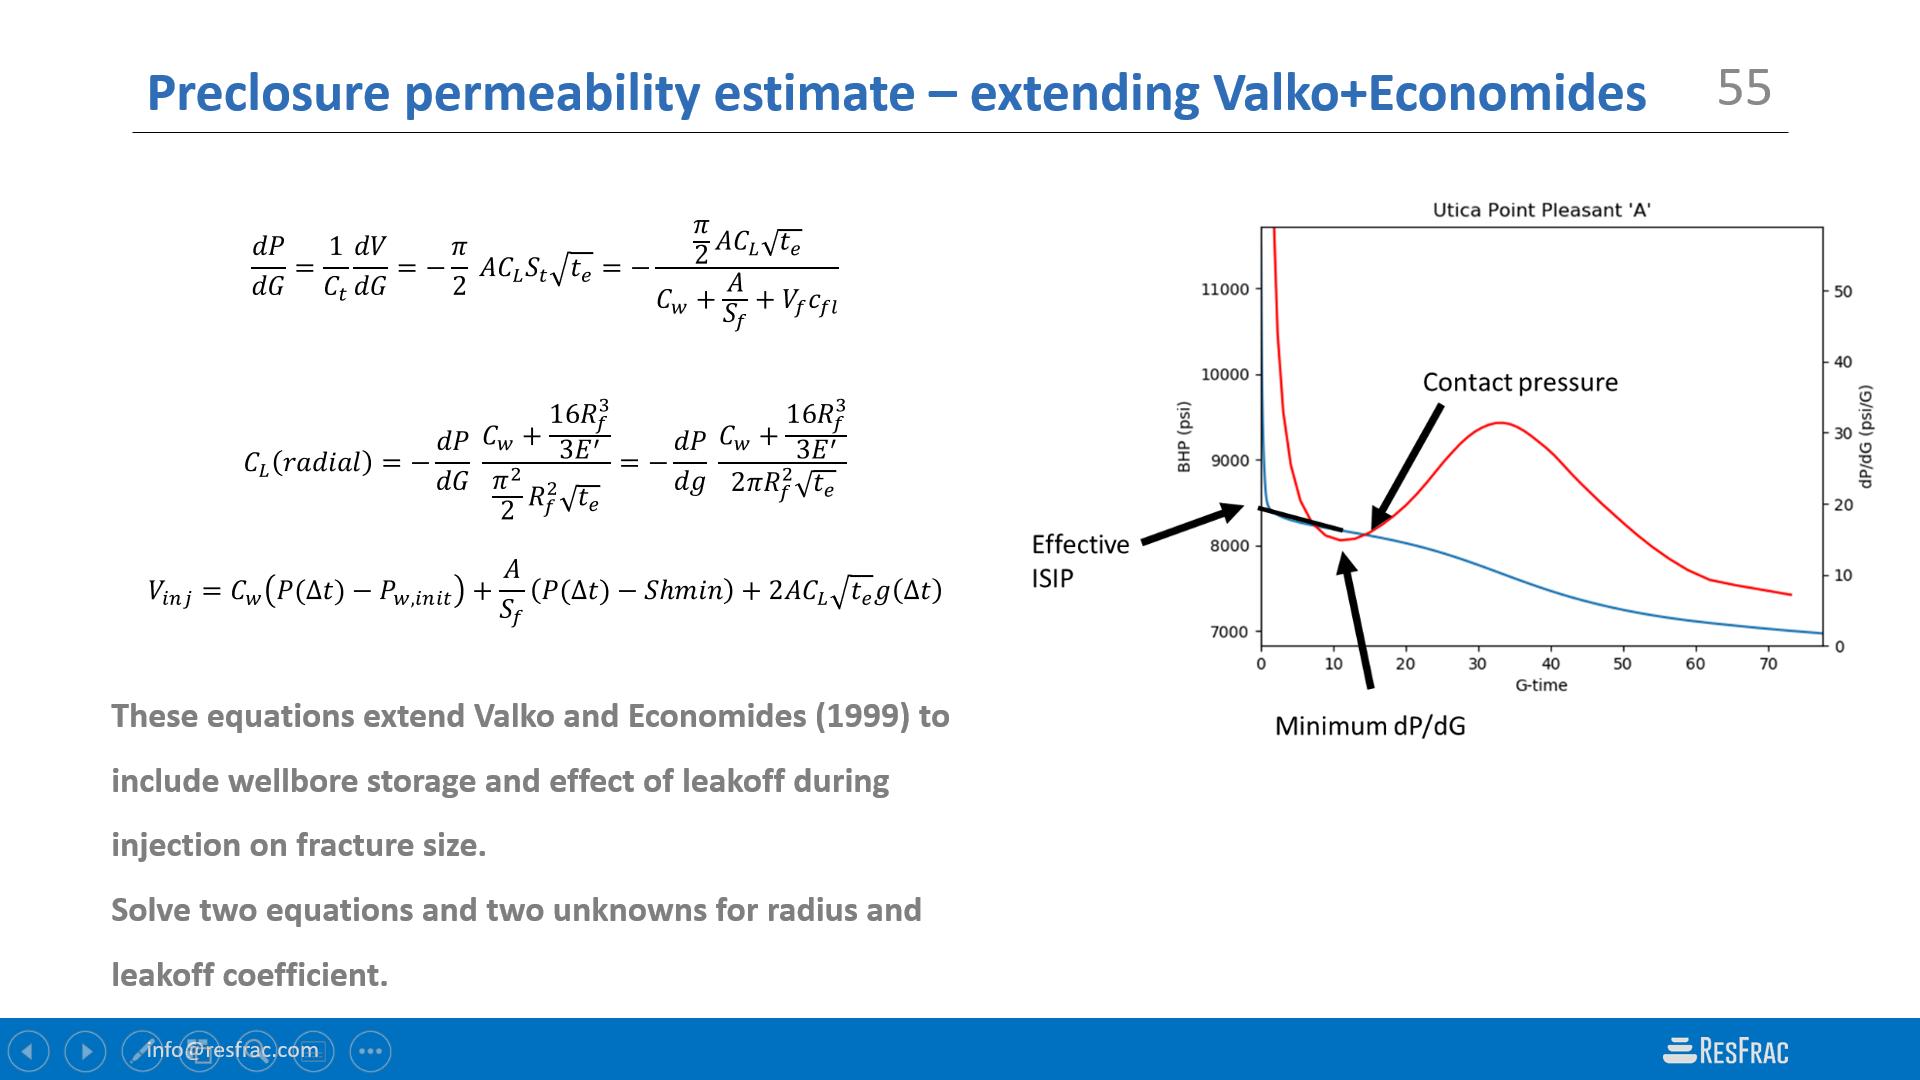 DFIT Permeability Estimation